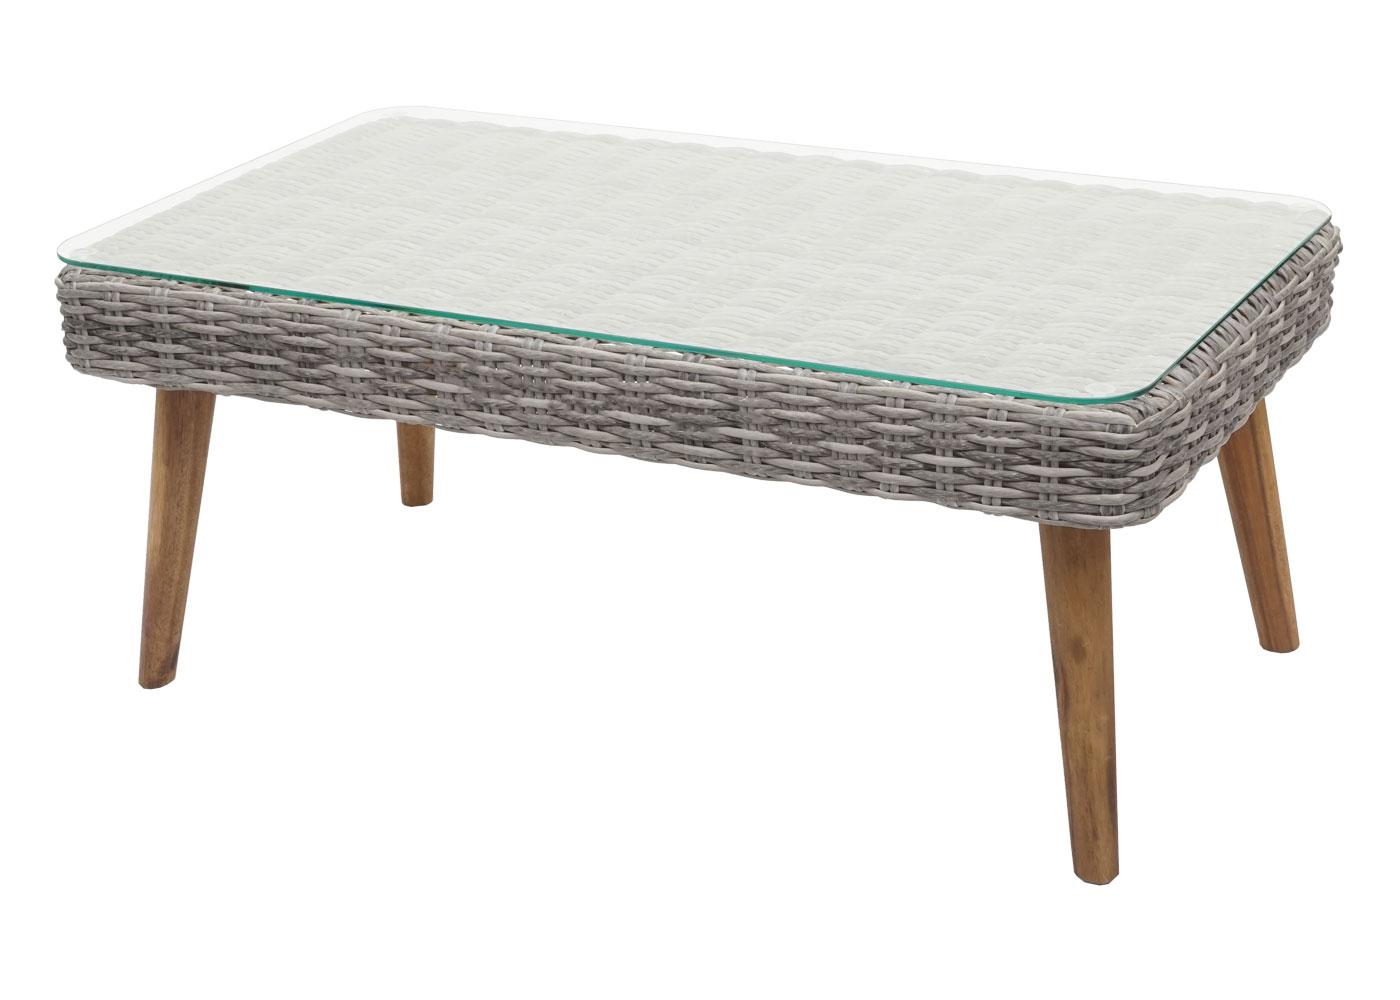 Gartengarnitur HWC-H64 Tisch